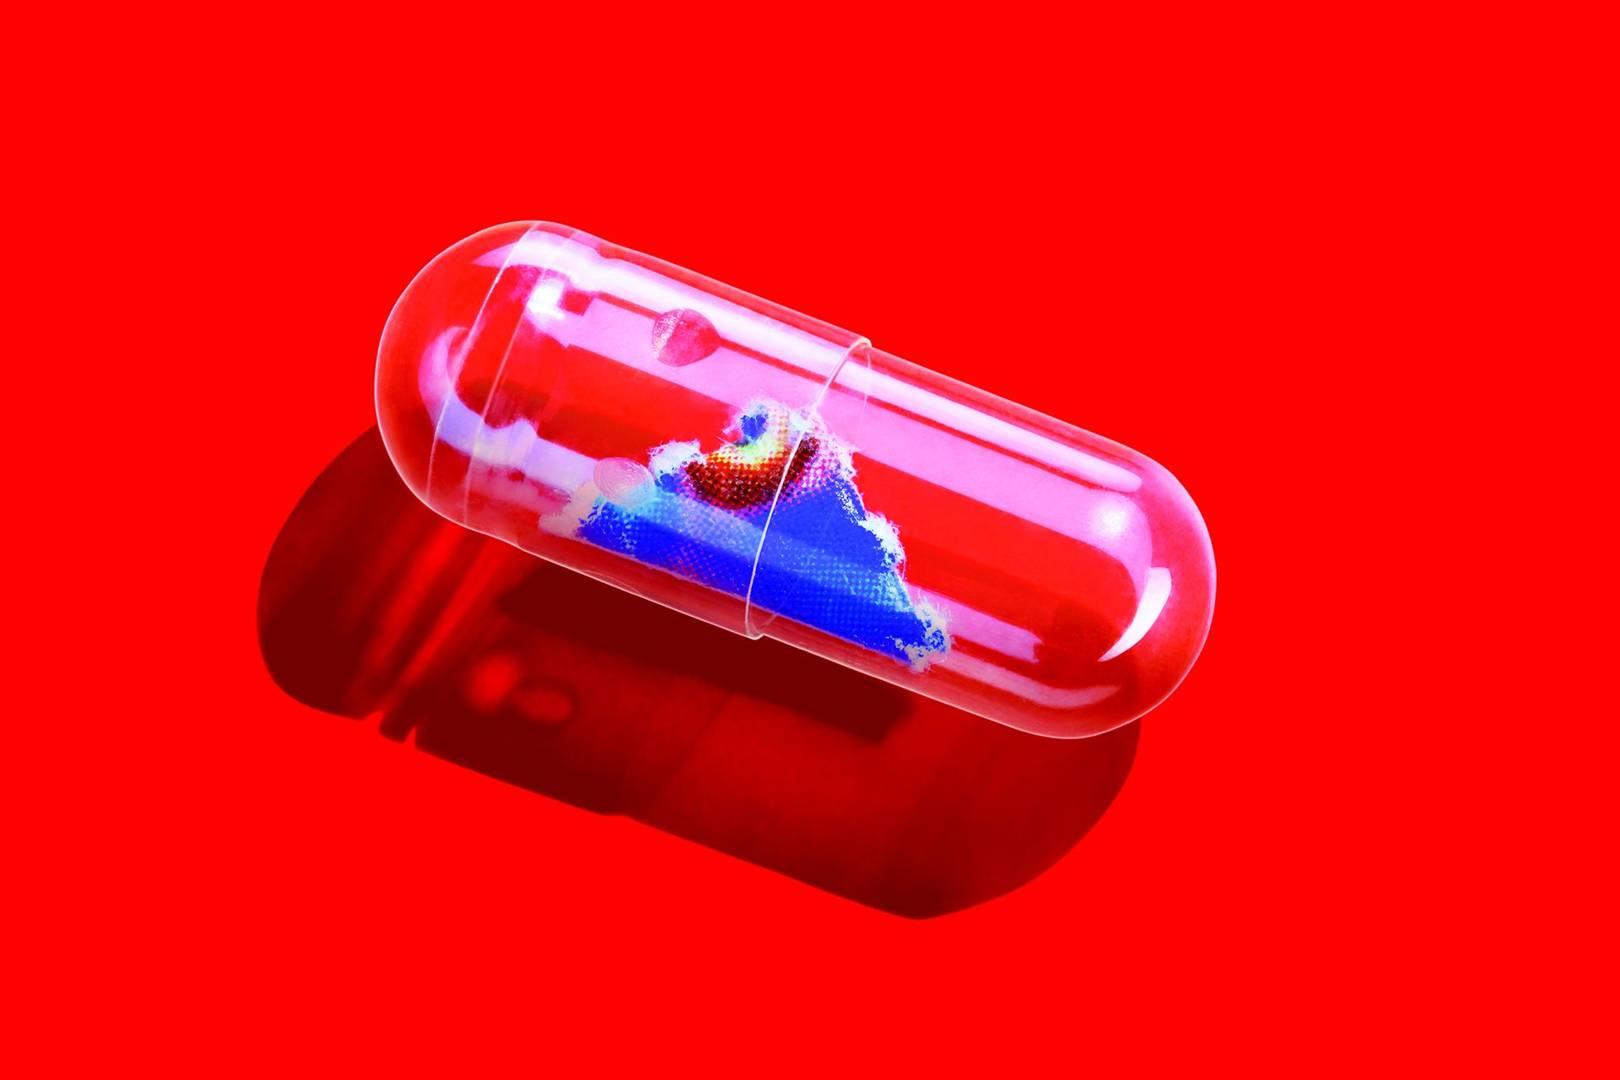 Положительные ощущения микродозинга ЛСД могут быть эффектом плацебо. Исследование